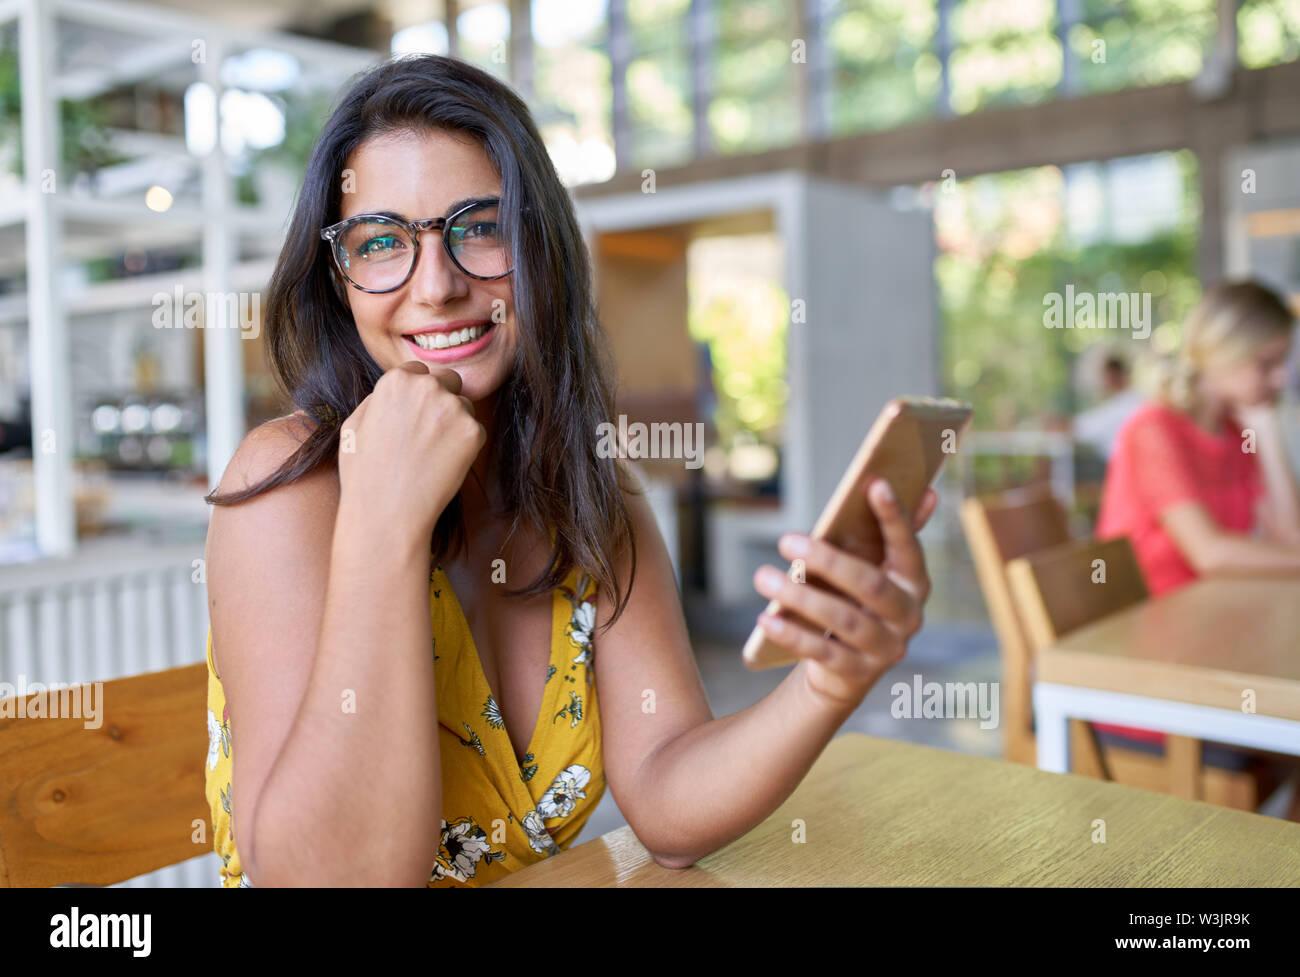 Candid lifestyle Portrait von Lachen hispanic Tausendjährigen student Eingabe über Handy in schickes, modernes und helles Café mit Pflanzen Stockbild